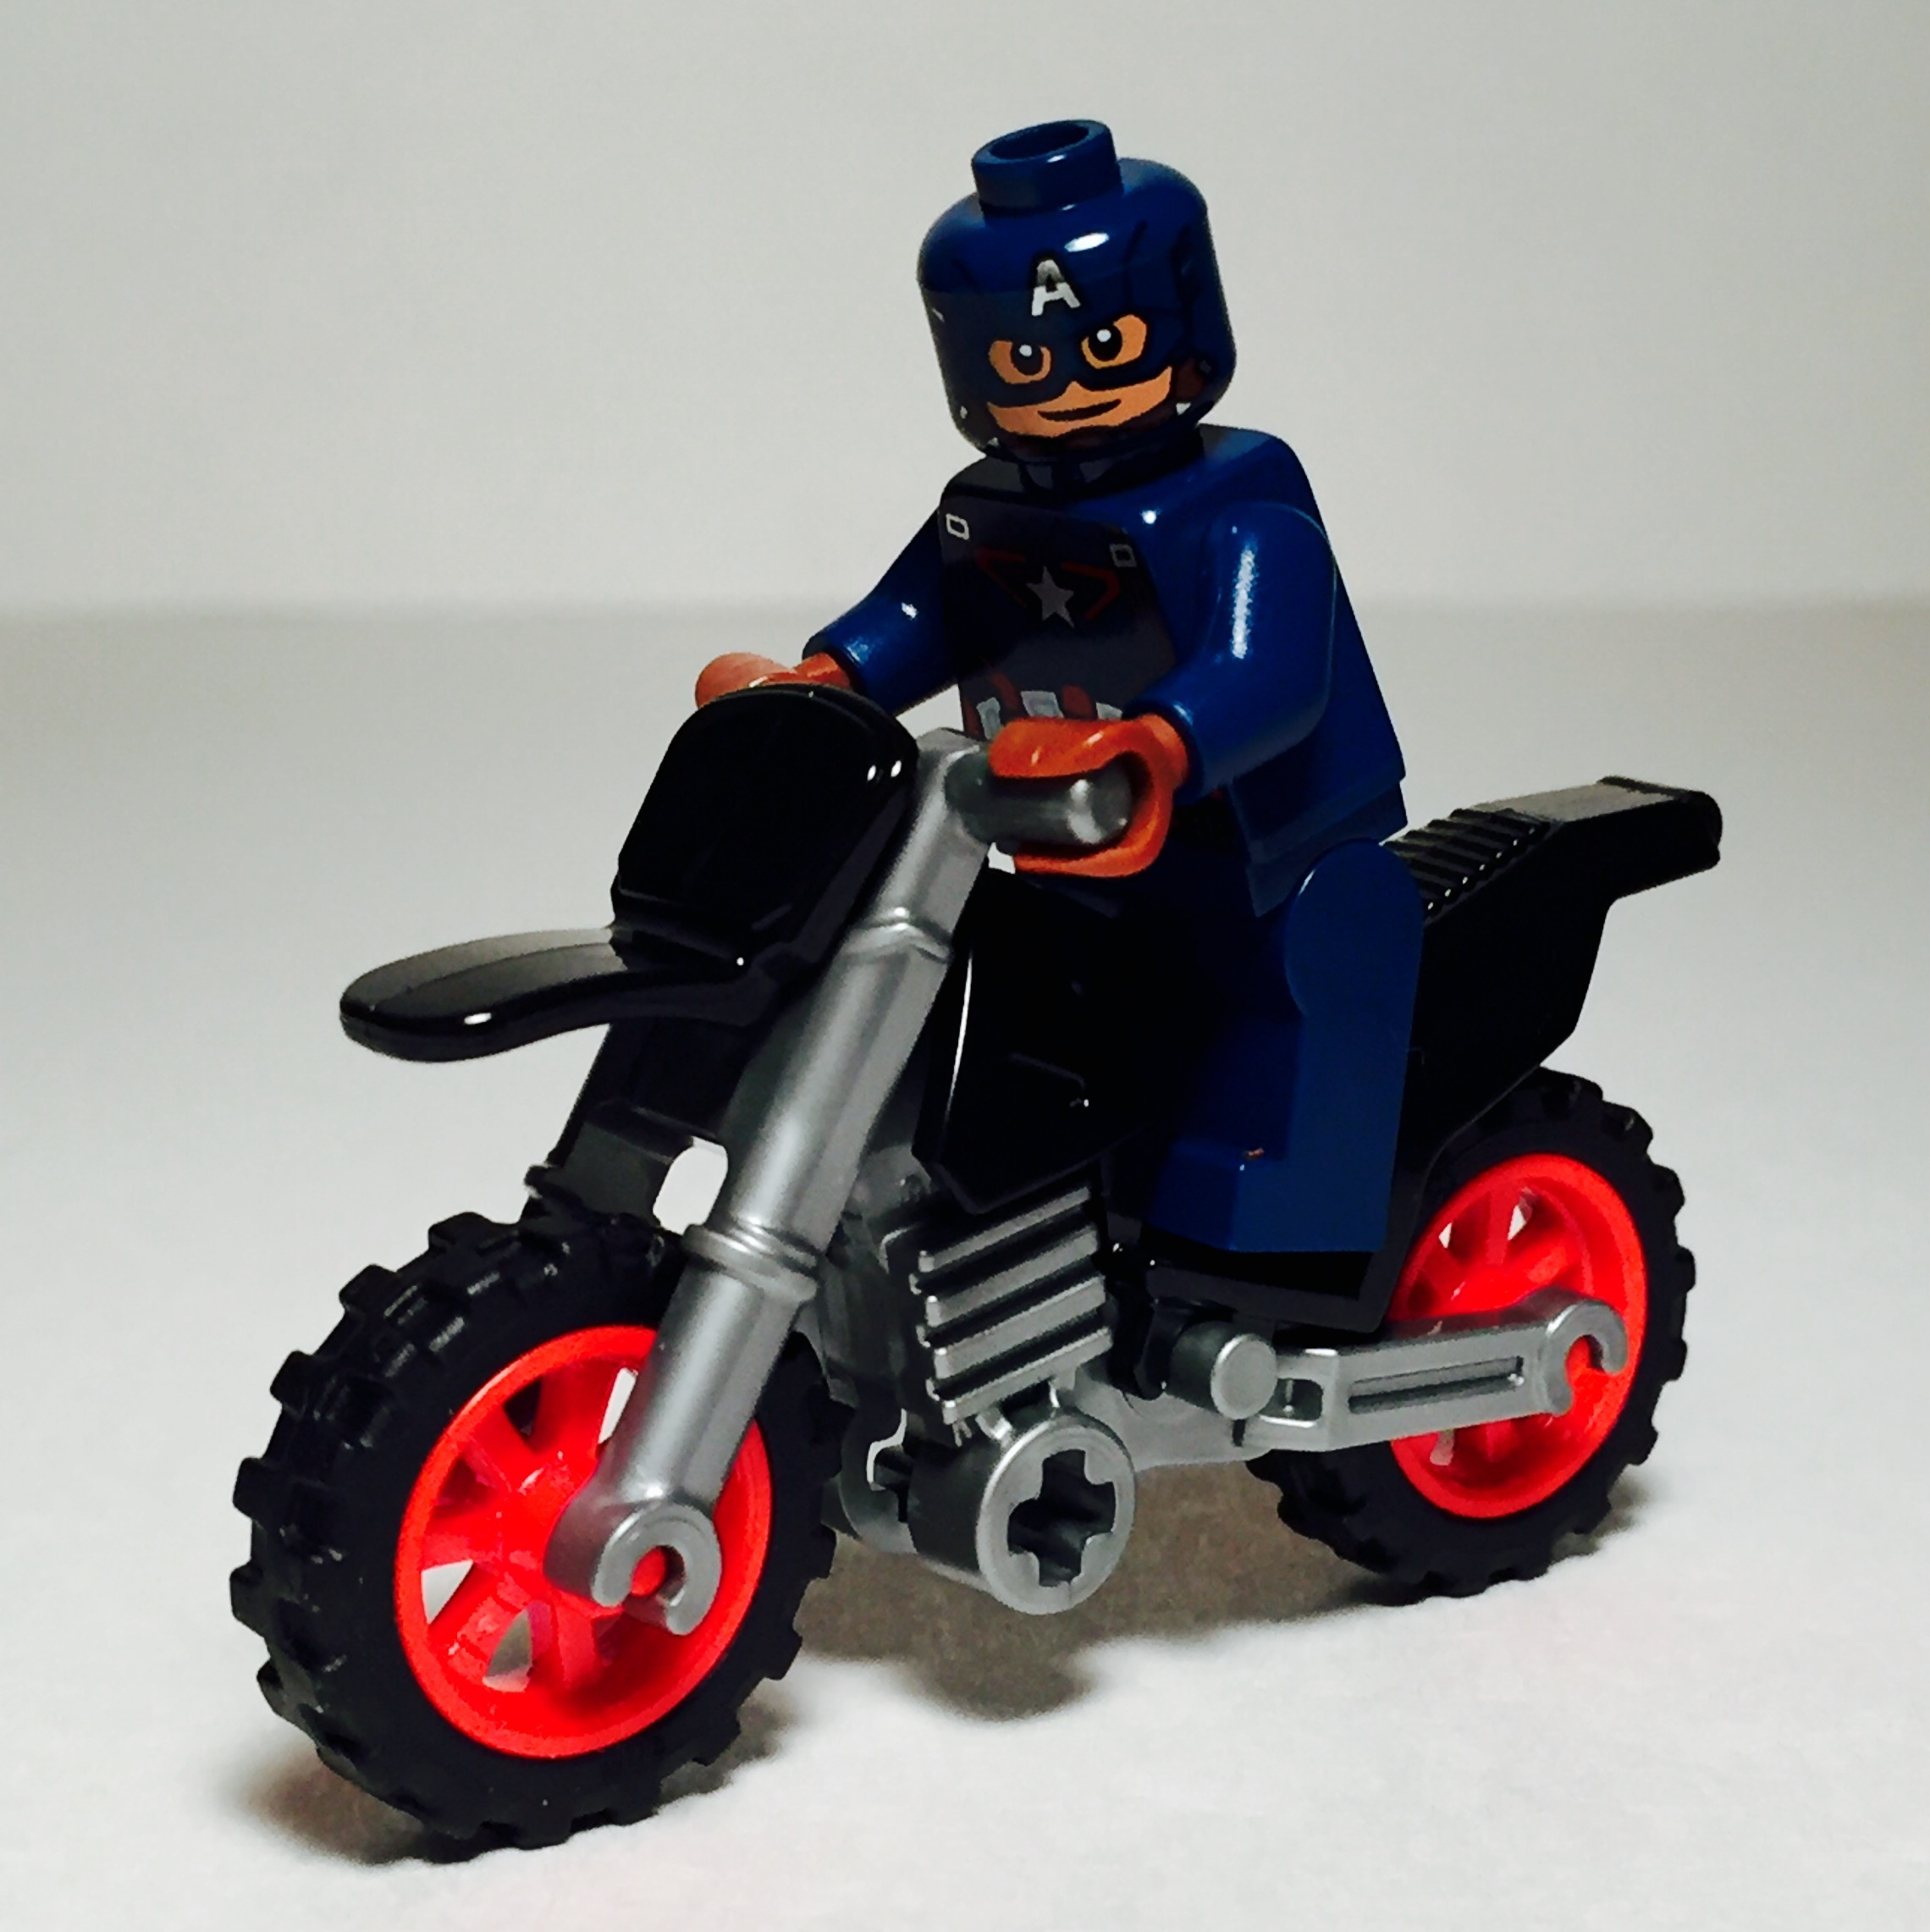 Captain America's Motorcycle 9.jpg